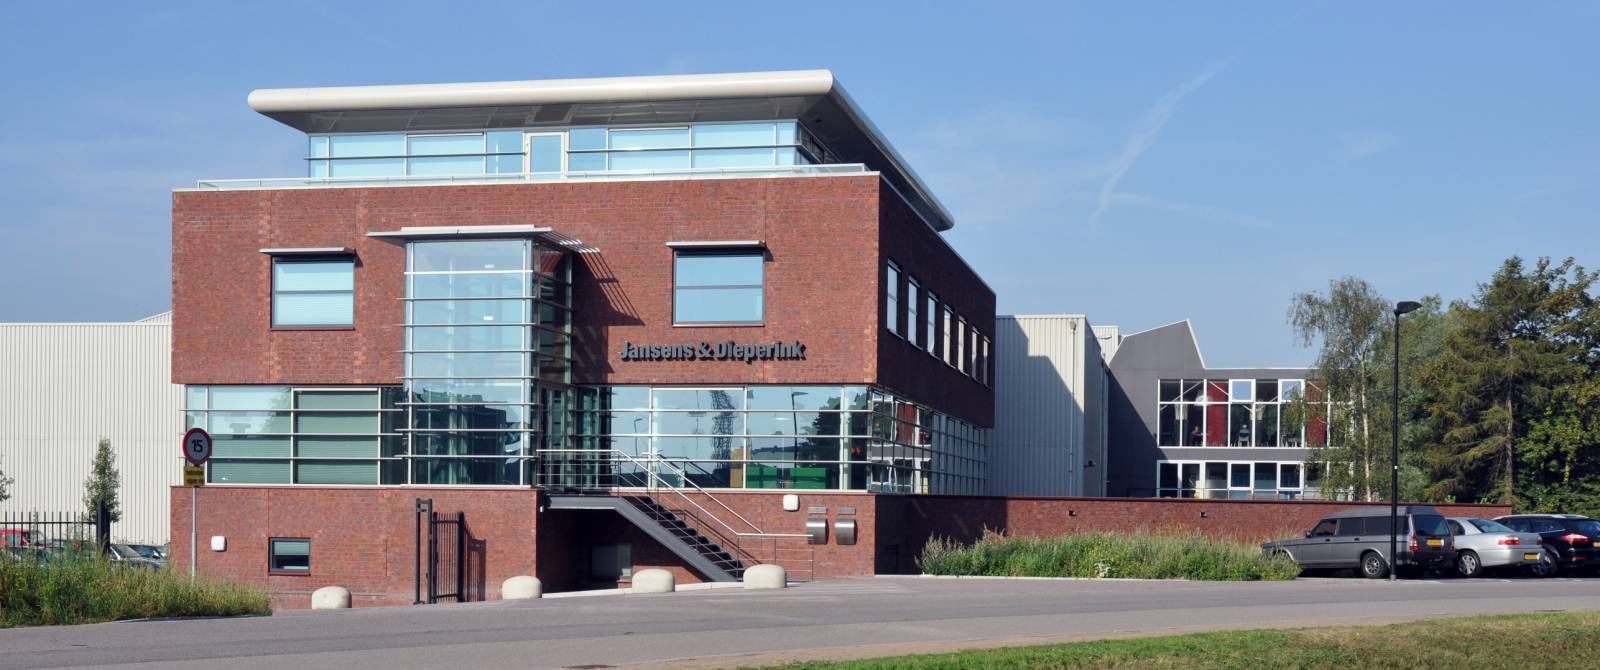 Nieuwbouw kantoor Jansens & Dieperink te Zaandam